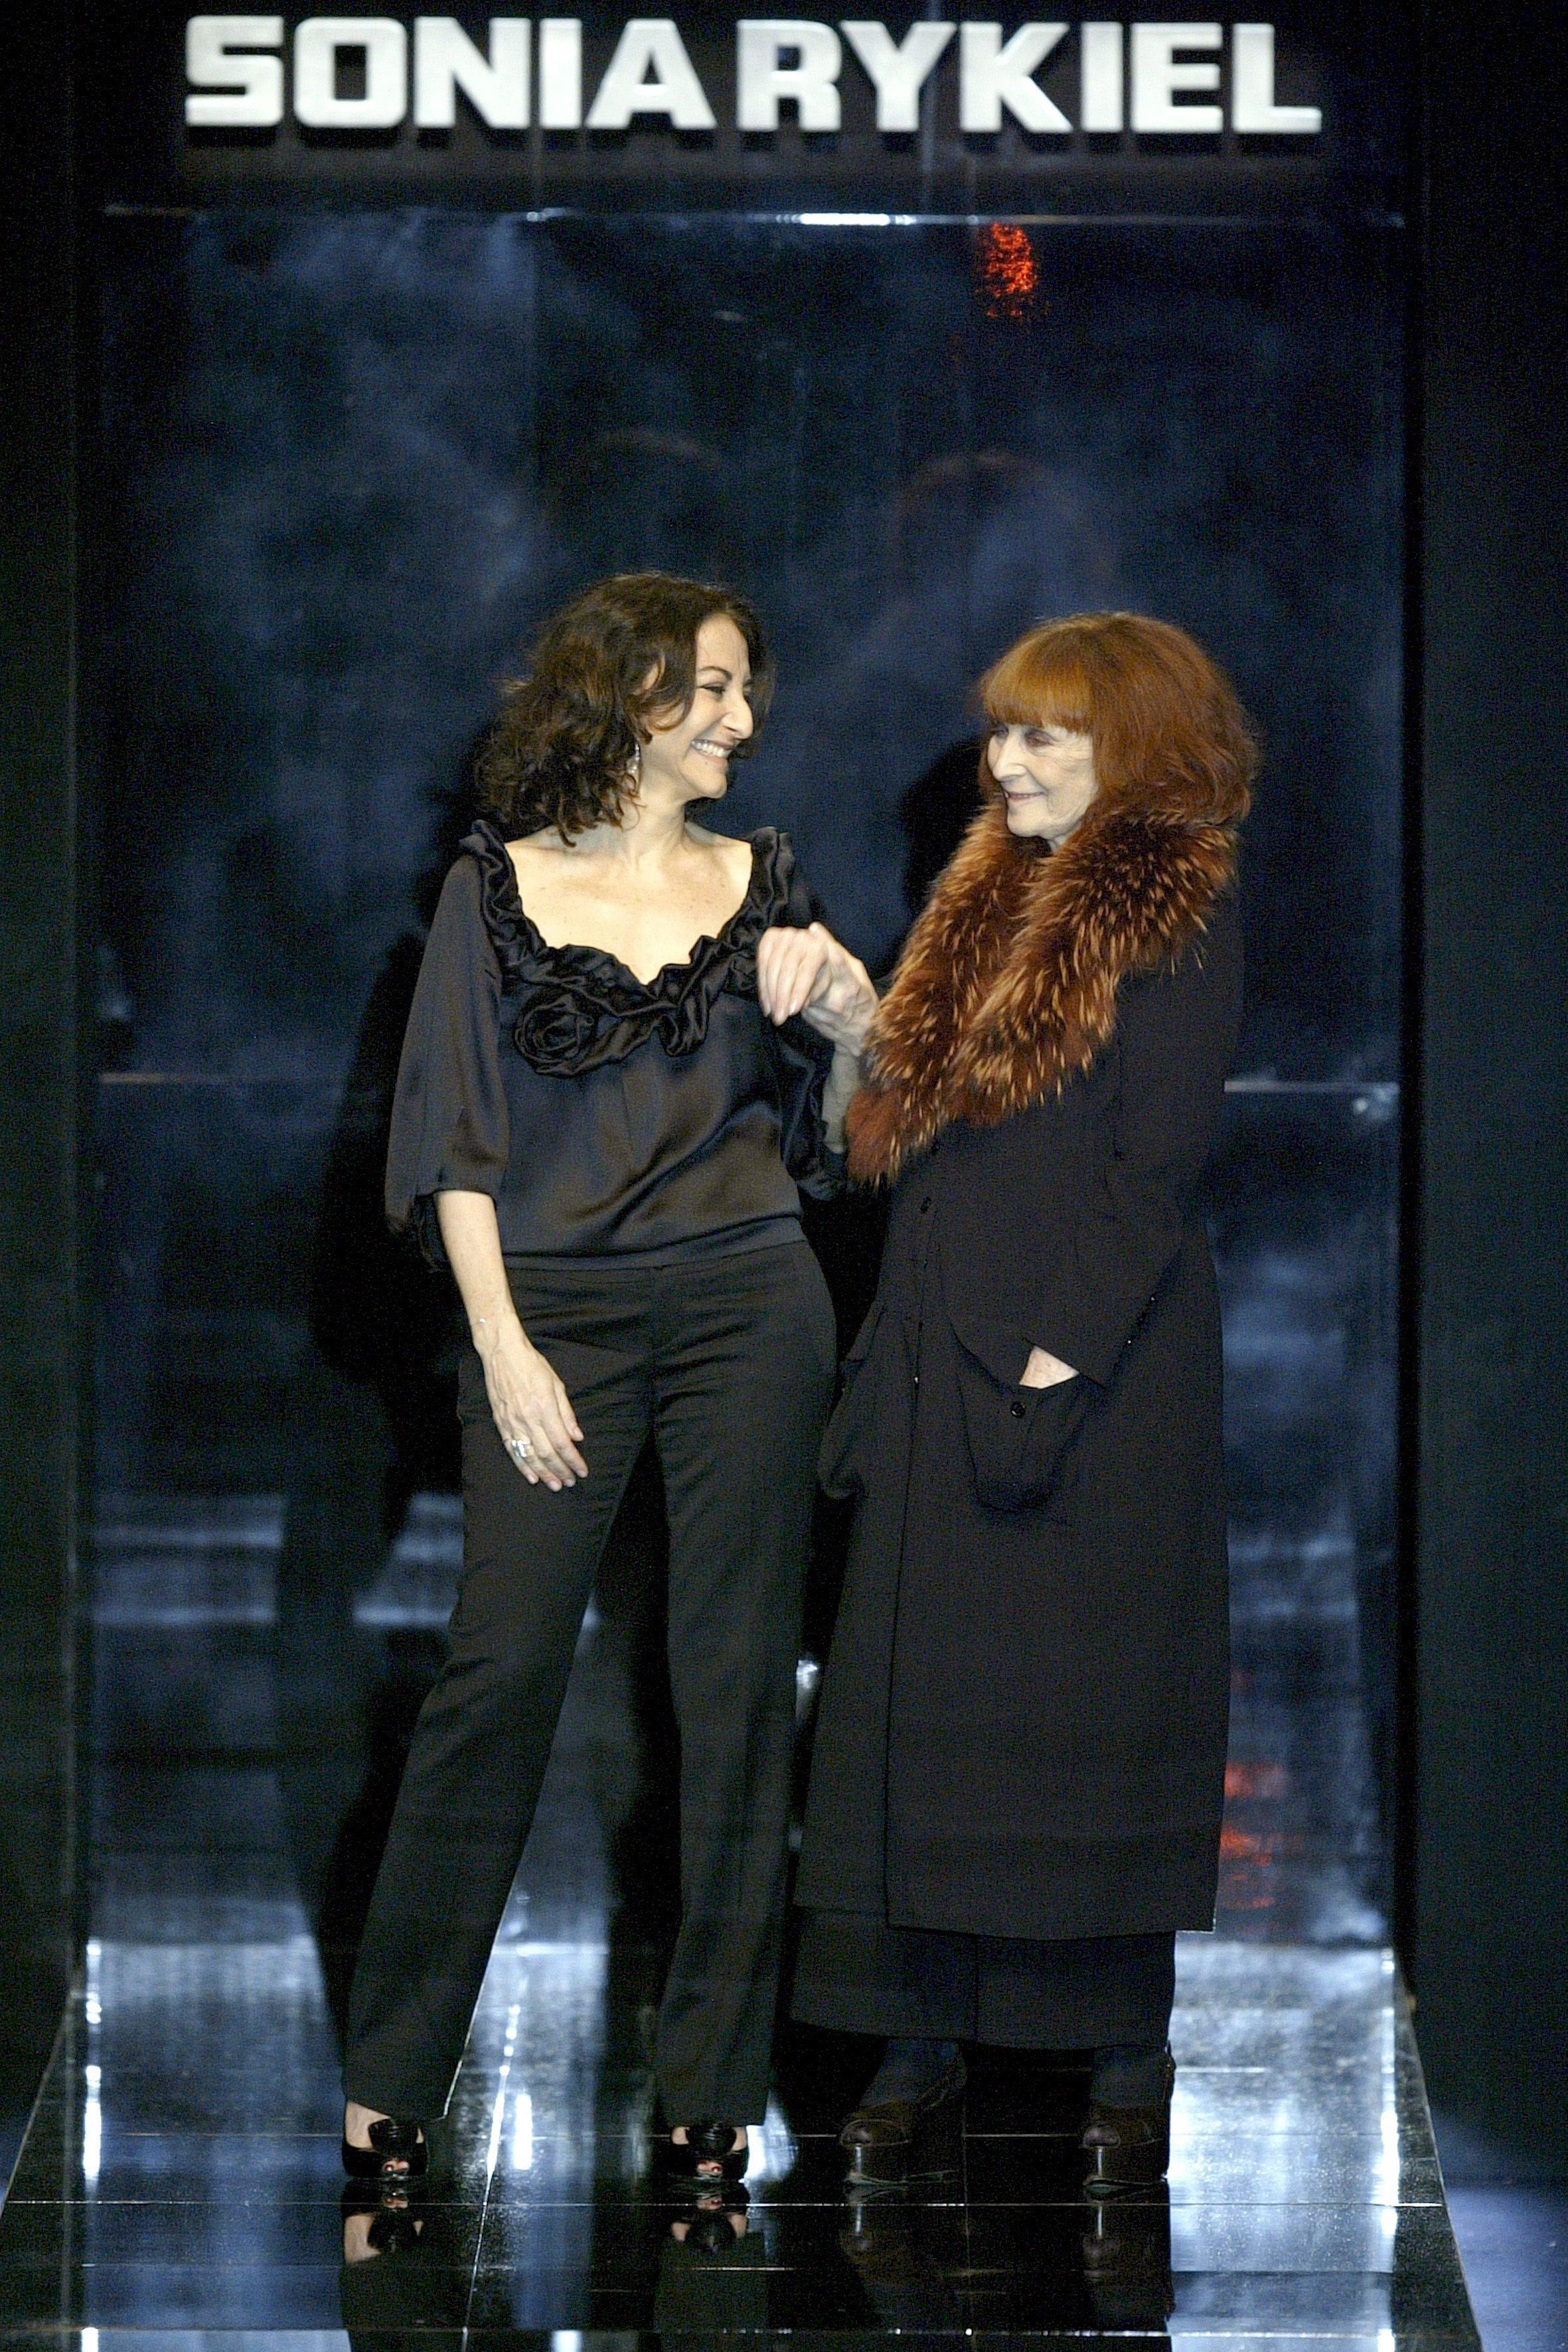 Morreu estilista francesa Sonia Rykiel